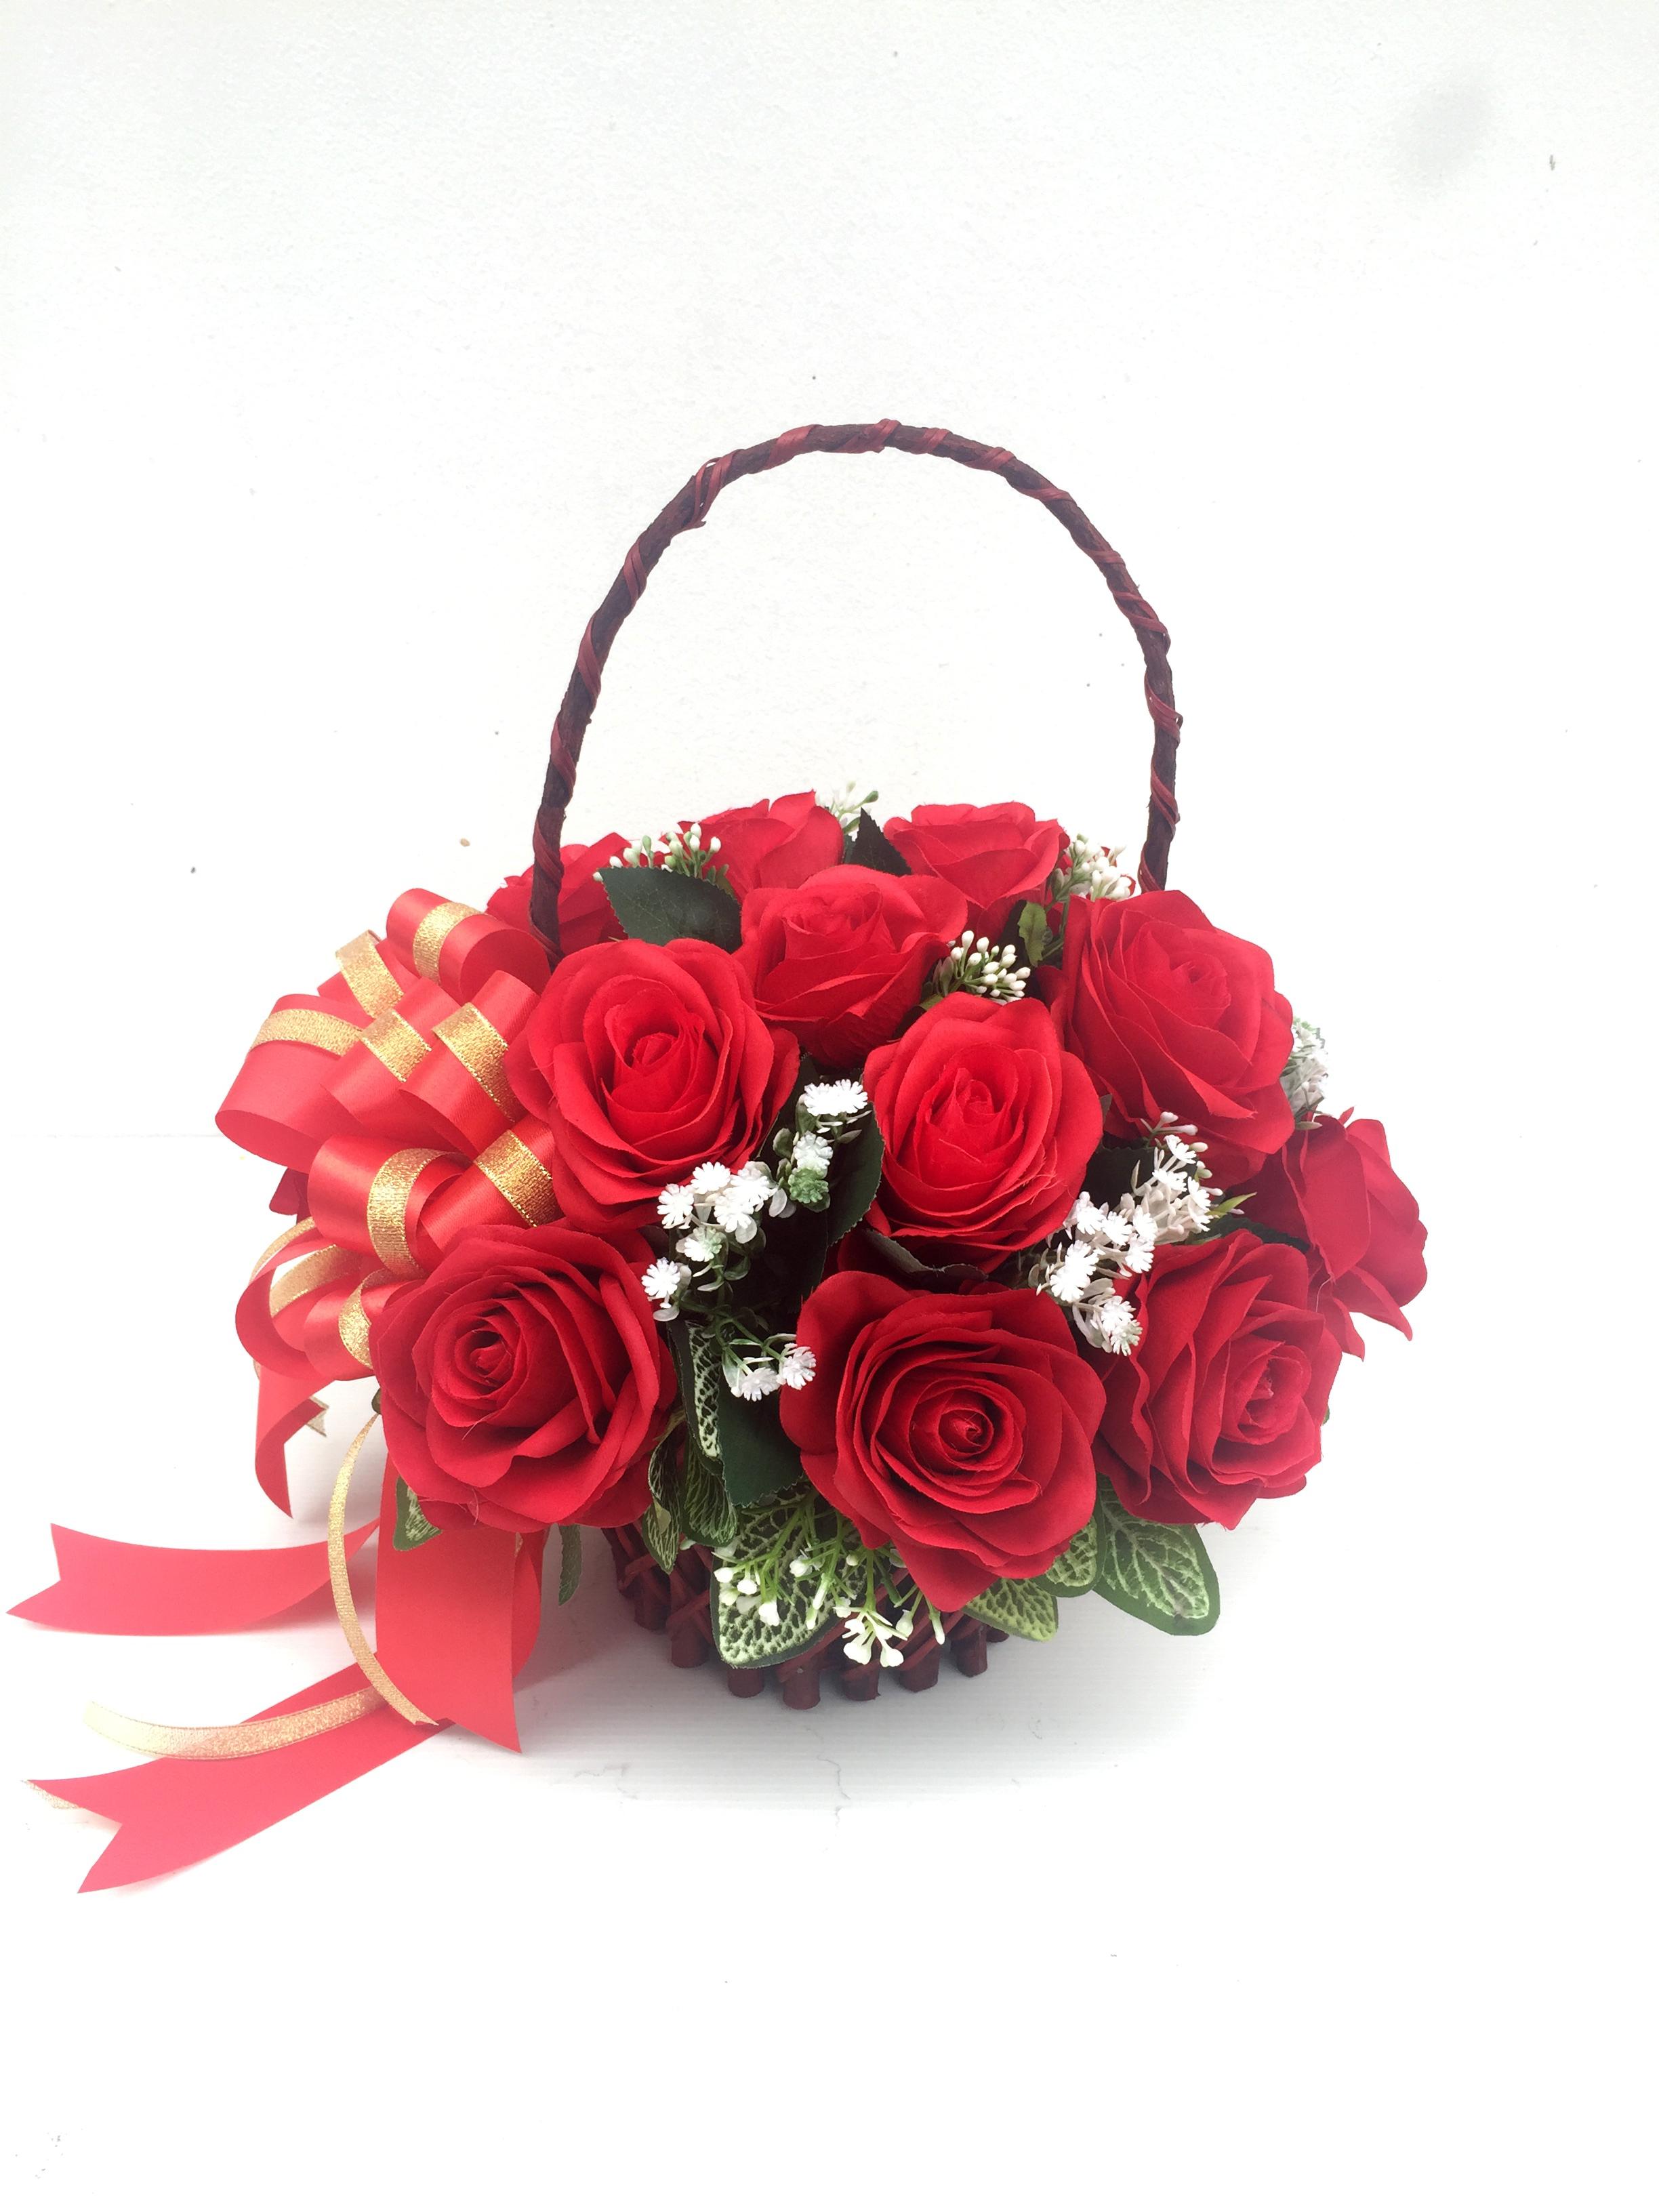 กระเช้าดอกไม้ประดิษฐ์กุหลาบแดง รหัส 2078